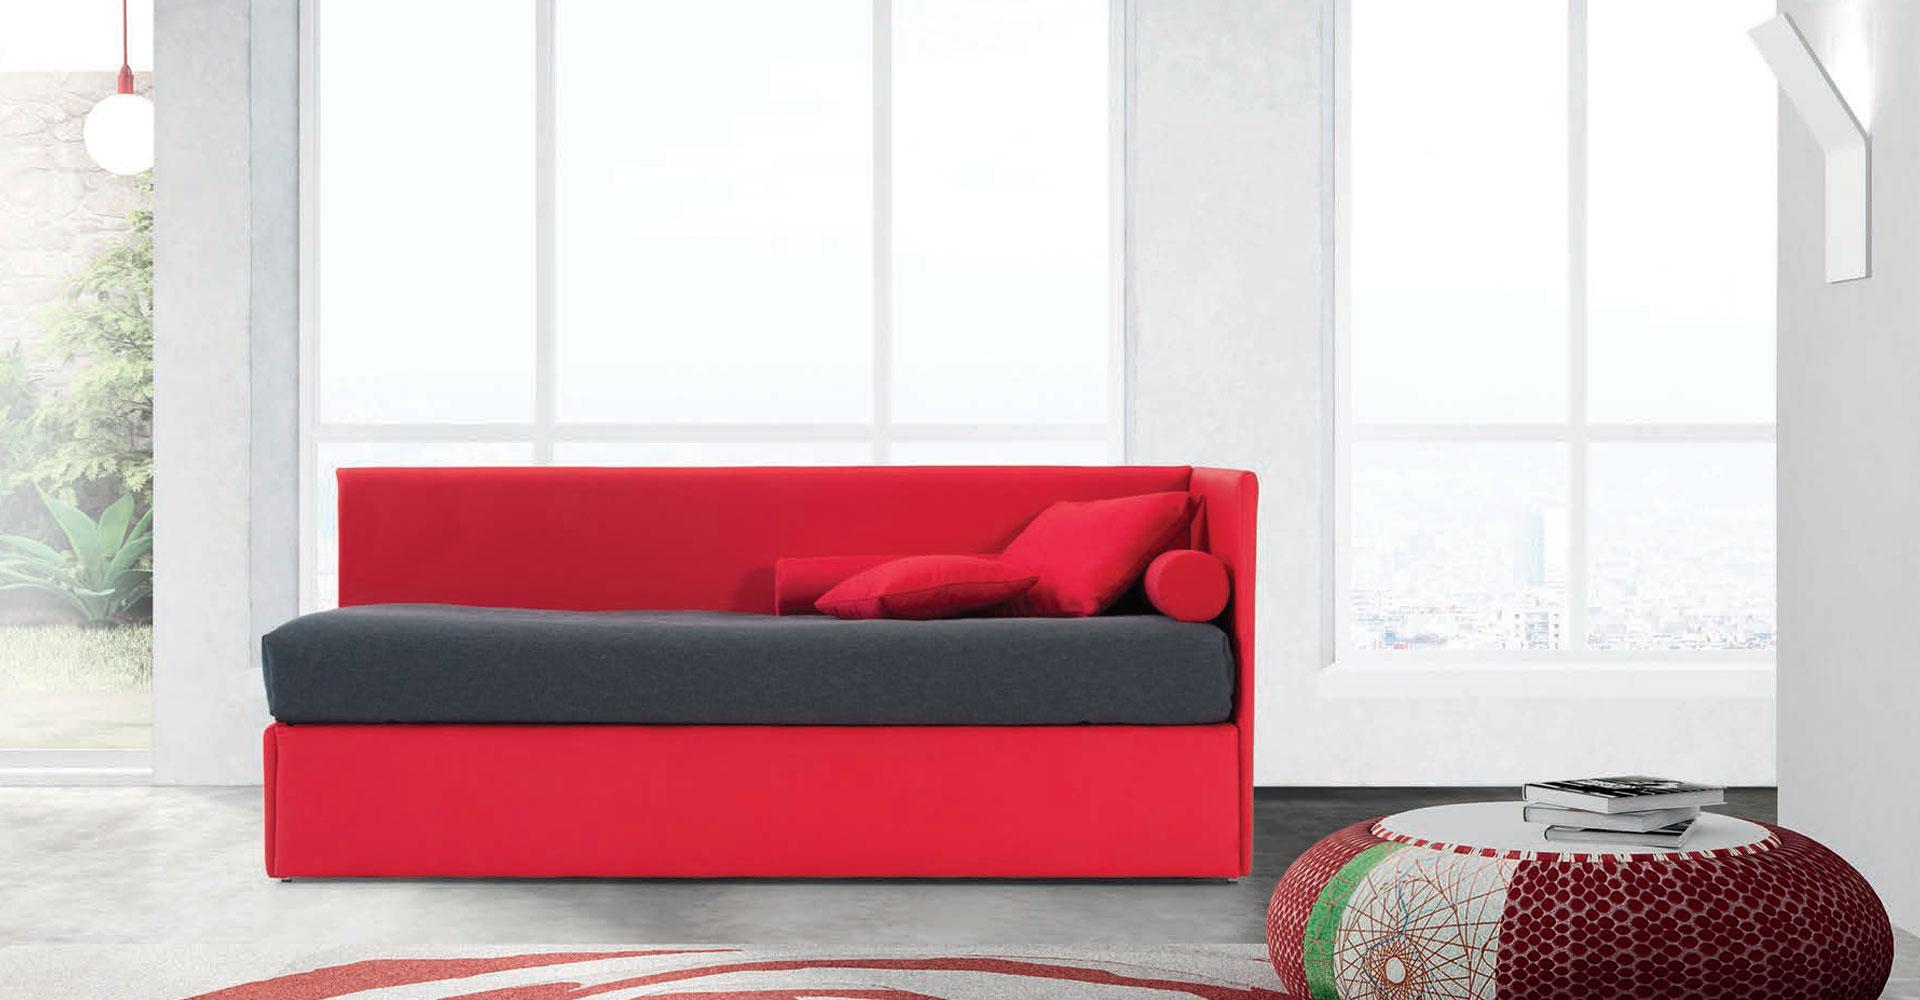 Letto singolo 01 fabbrica divani didivani salerno 082853891 - Foto divani letto ...